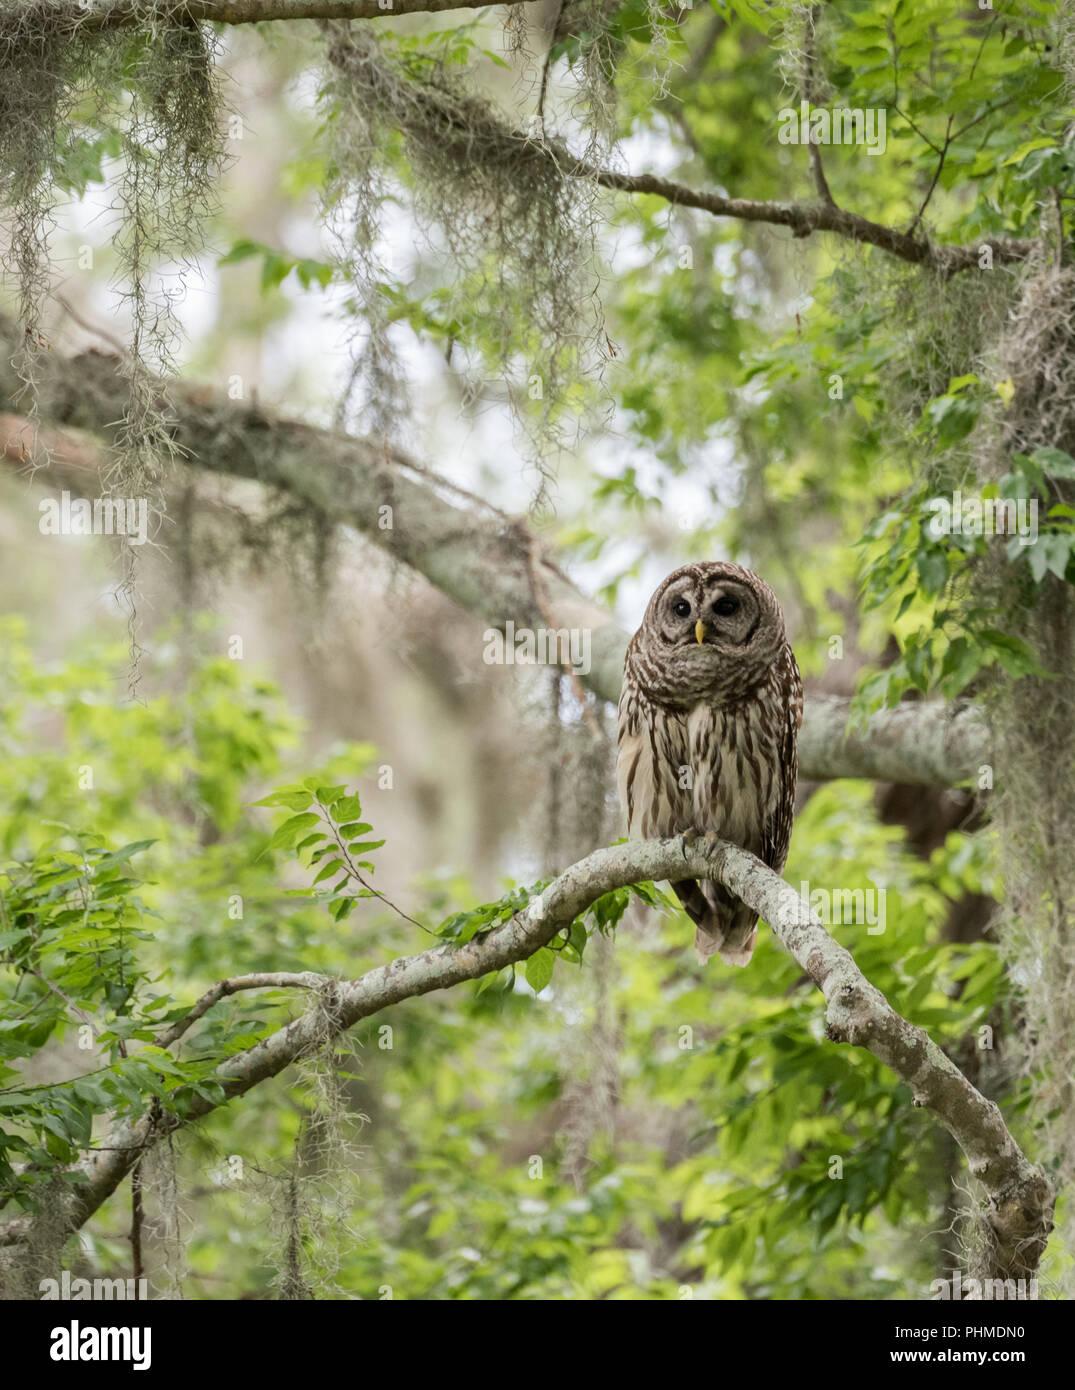 Barred Owl in Beautiful Scenery Stock Photo